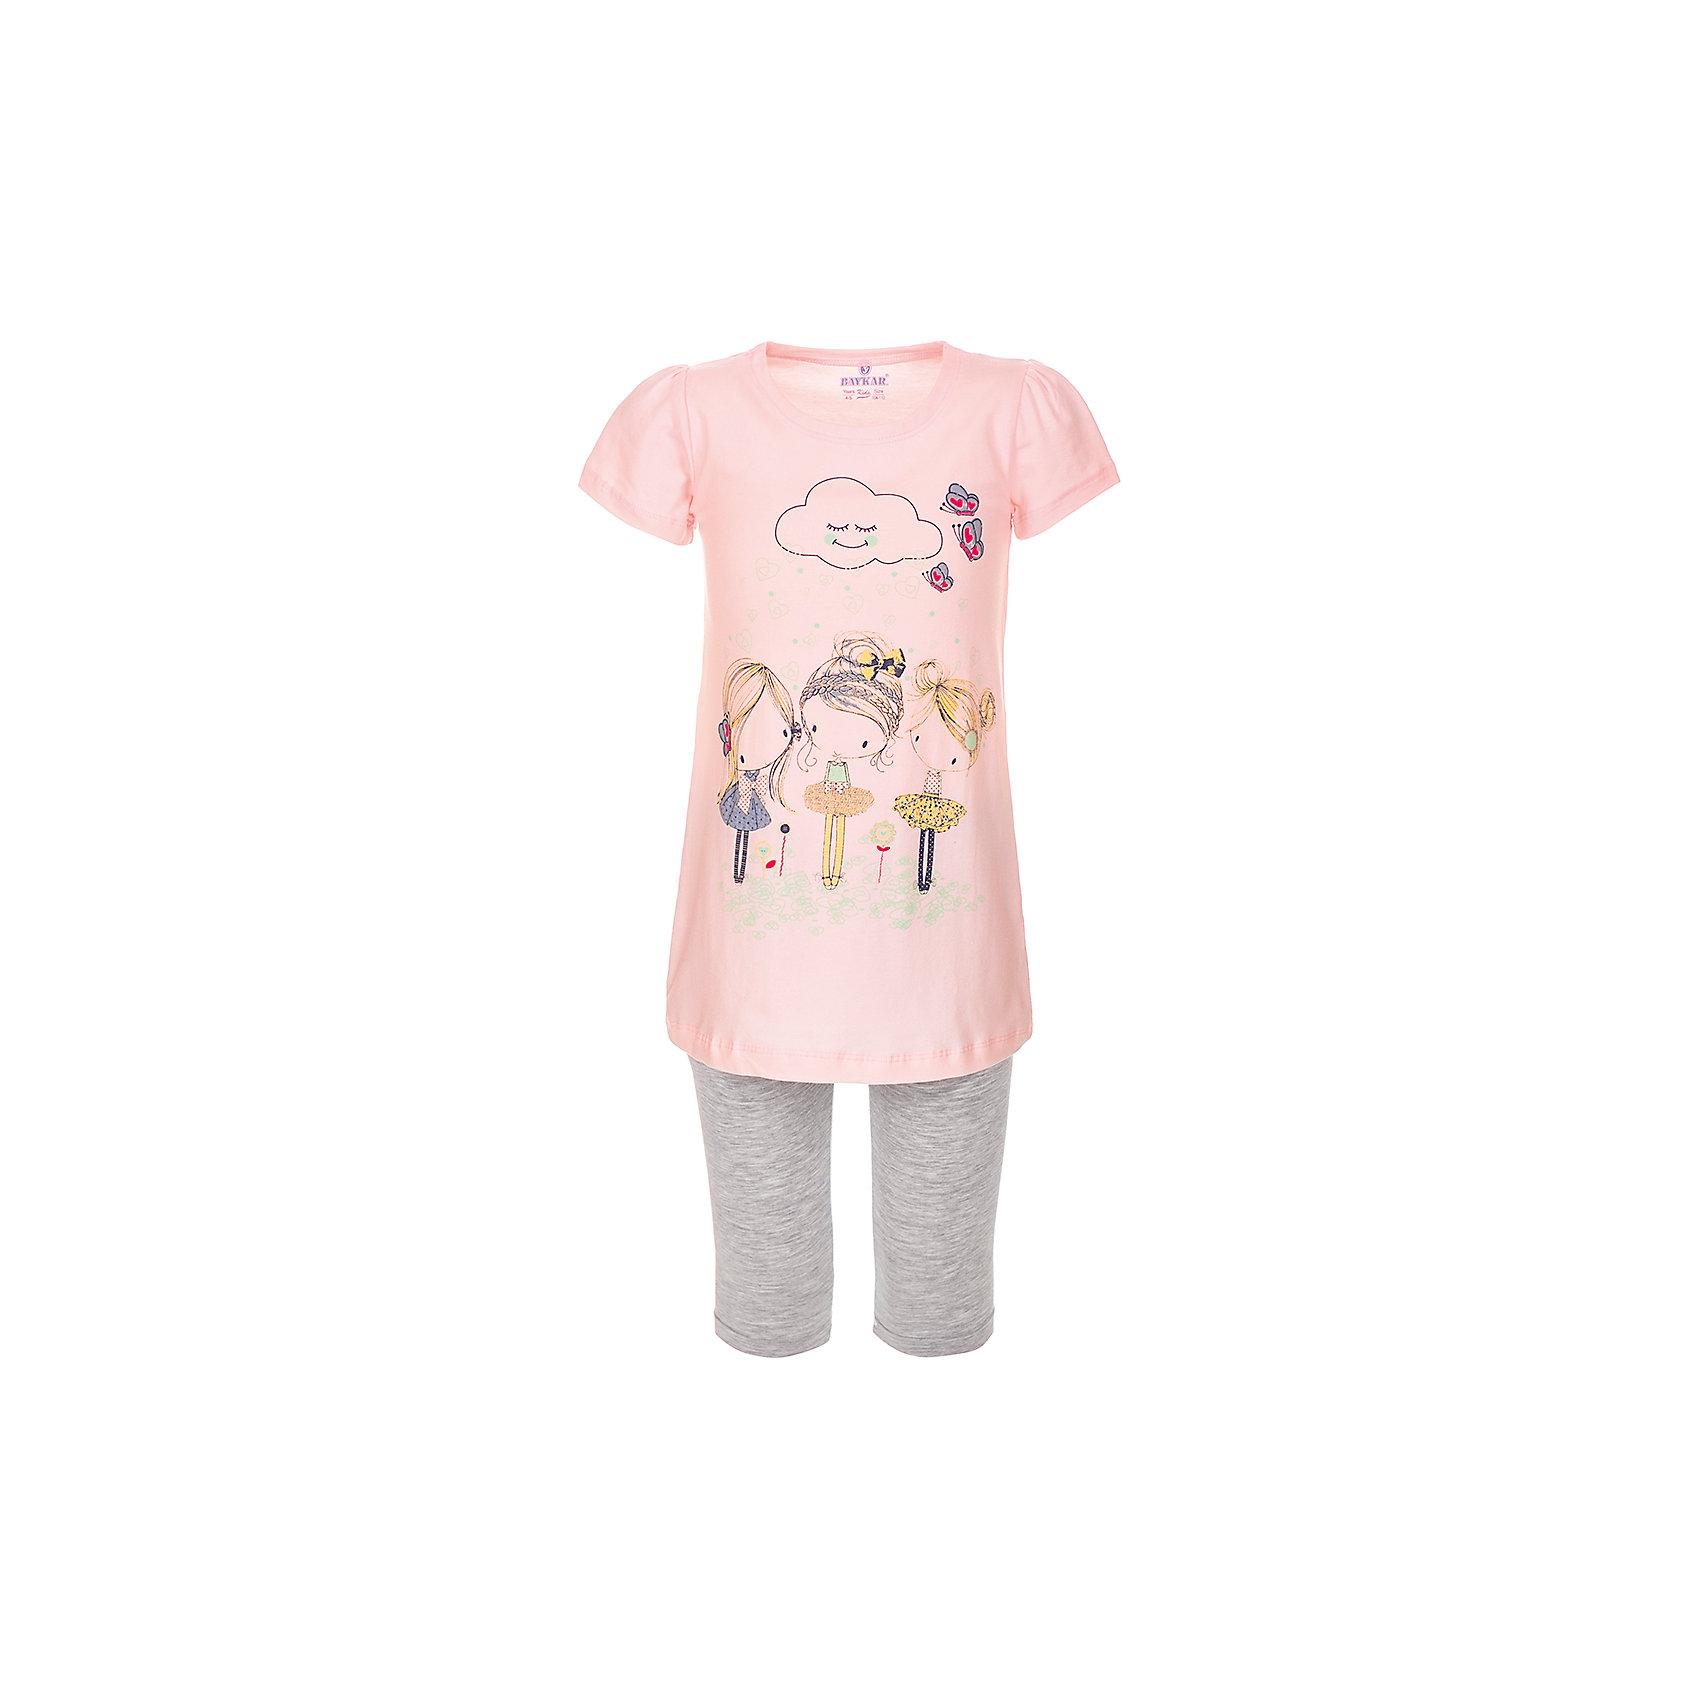 Пижама для девочки BaykarПижамы и сорочки<br>Характеристики товара:<br><br>• цвет: розовый<br>• состав ткани: 95% хлопок; 5% эластан<br>• комплектация: футболка, шорты<br>• пояс шорт: резинка<br>• сезон: круглый год<br>• страна бренда: Турция<br>• страна изготовитель: Турция<br><br>Пижама для девочки Baykar украшена симпатичным принтом. Этот комплект для сна из футболки и шорт сделан из мягкого дышащего материала. <br><br>Продуманный крой обеспечивает комфортную посадку. Розовая пижама для девочки позволяет обеспечить комфортный сон.<br><br>Пижаму для девочки Baykar (Байкар) можно купить в нашем интернет-магазине.<br><br>Ширина мм: 281<br>Глубина мм: 70<br>Высота мм: 188<br>Вес г: 295<br>Цвет: розовый<br>Возраст от месяцев: 72<br>Возраст до месяцев: 84<br>Пол: Женский<br>Возраст: Детский<br>Размер: 116/122,98/104,104/110,110/116<br>SKU: 6764842